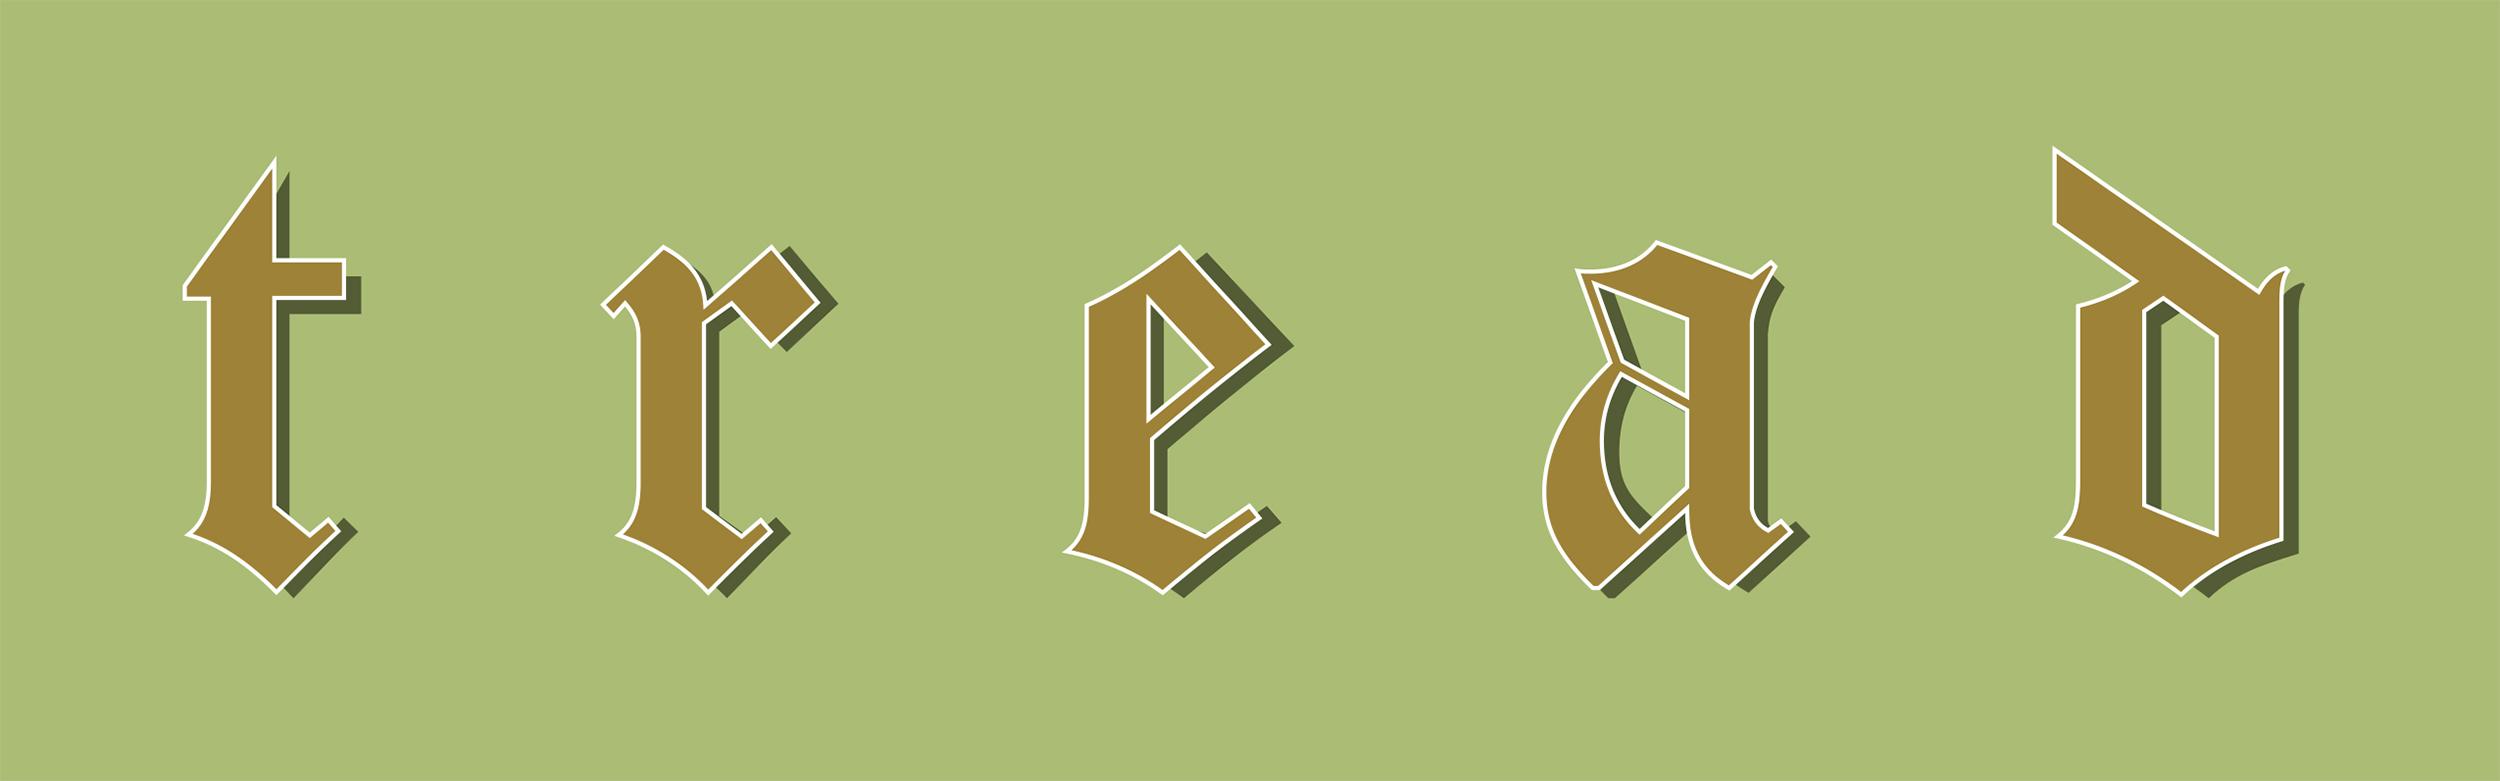 tread_logo_green.jpg